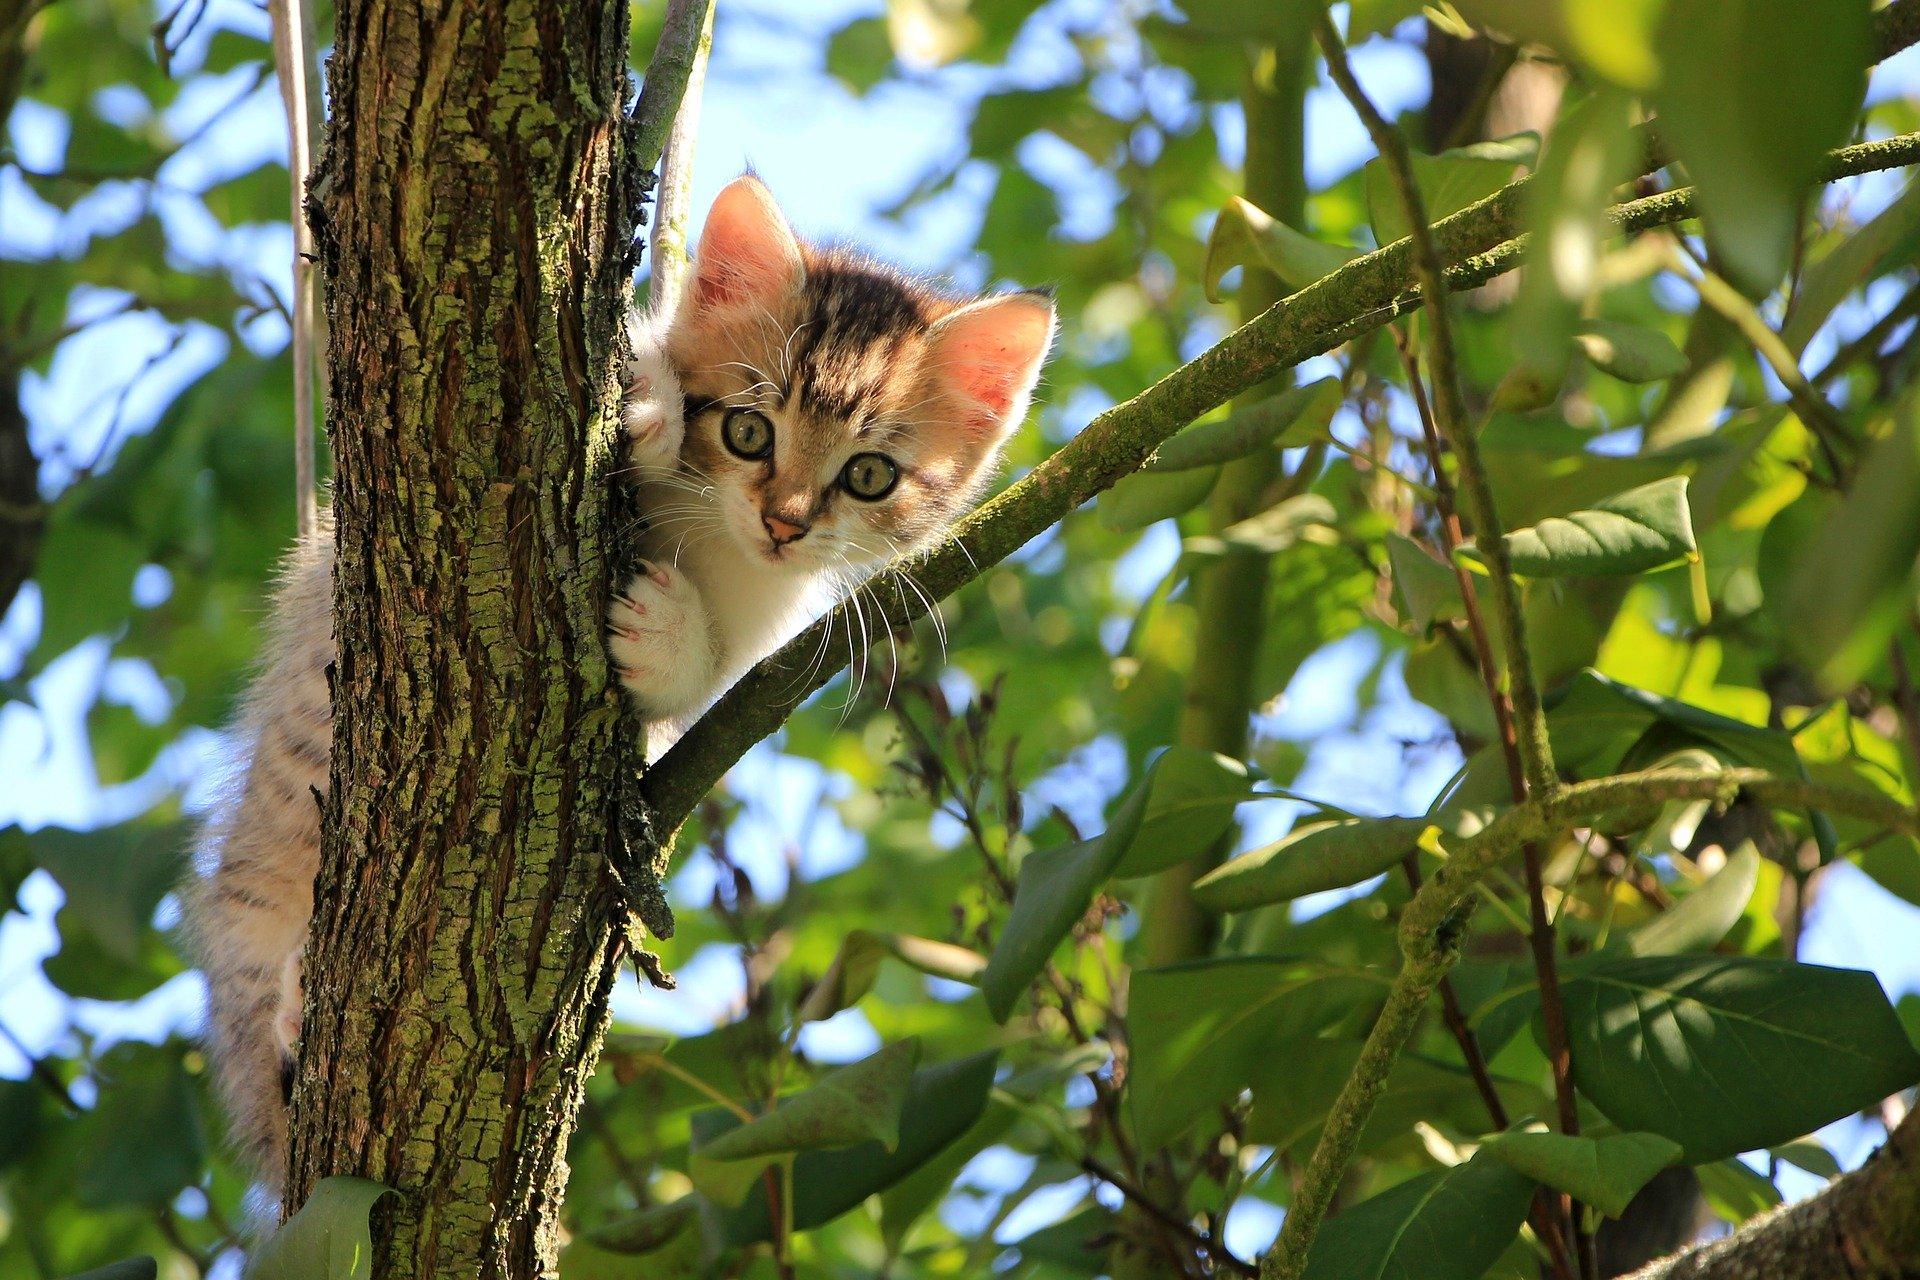 Kočka na stromě může být pro chovatele stresující pohled. Řešením je zůstat klidný.